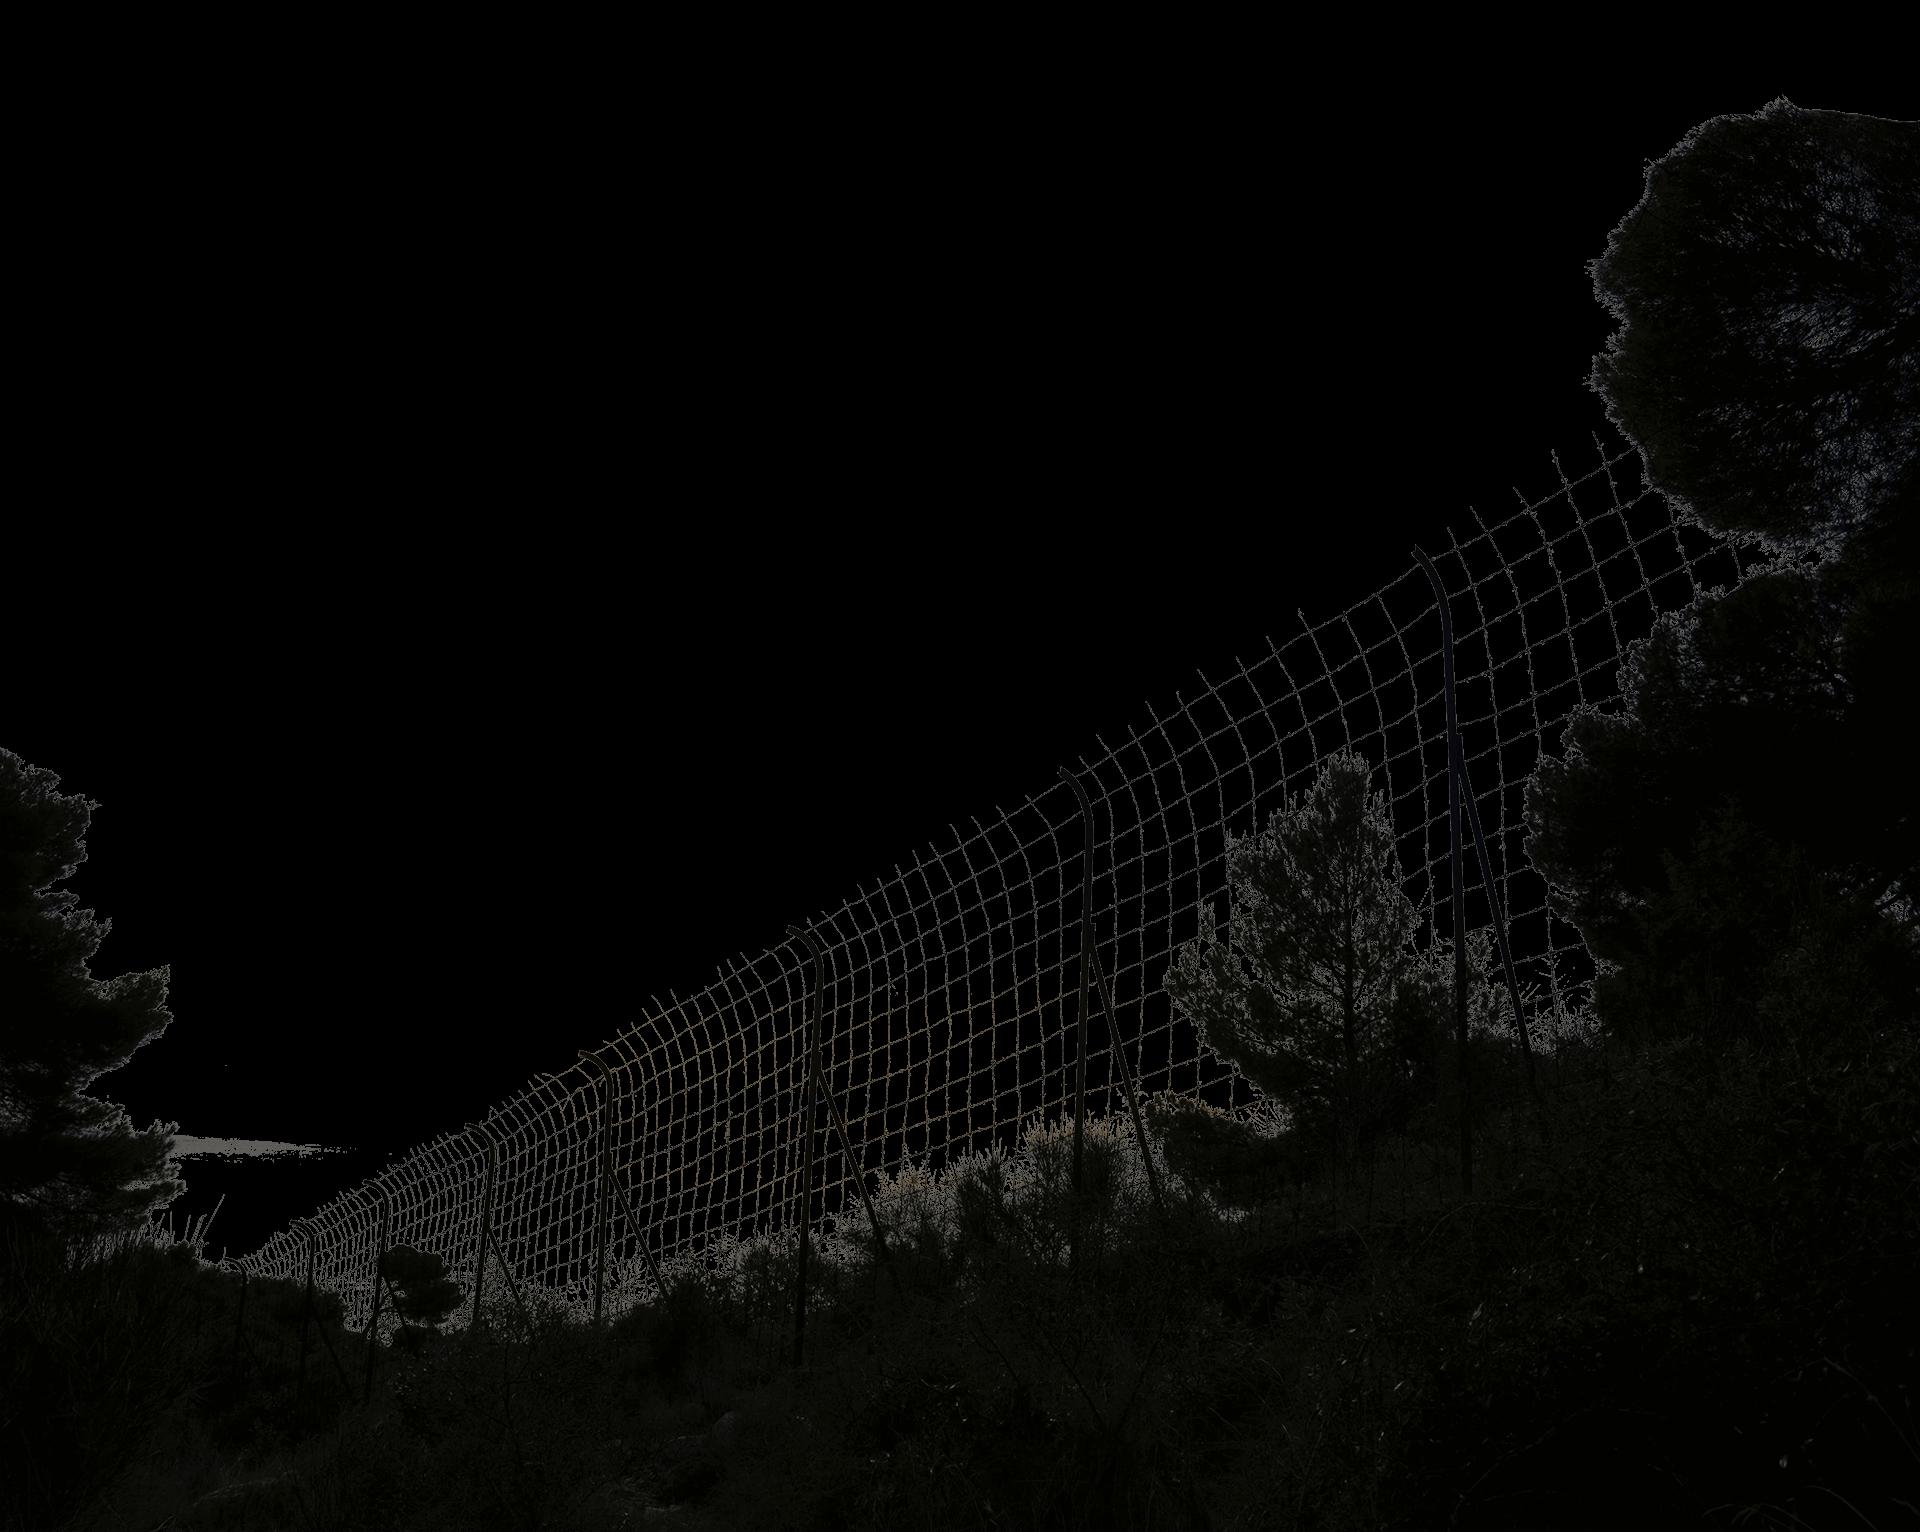 Caminho da Morte: como o fluxo de refugiados na fronteira franco-italiana transformou, do dia para a noite, o balneário de Ventimiglia